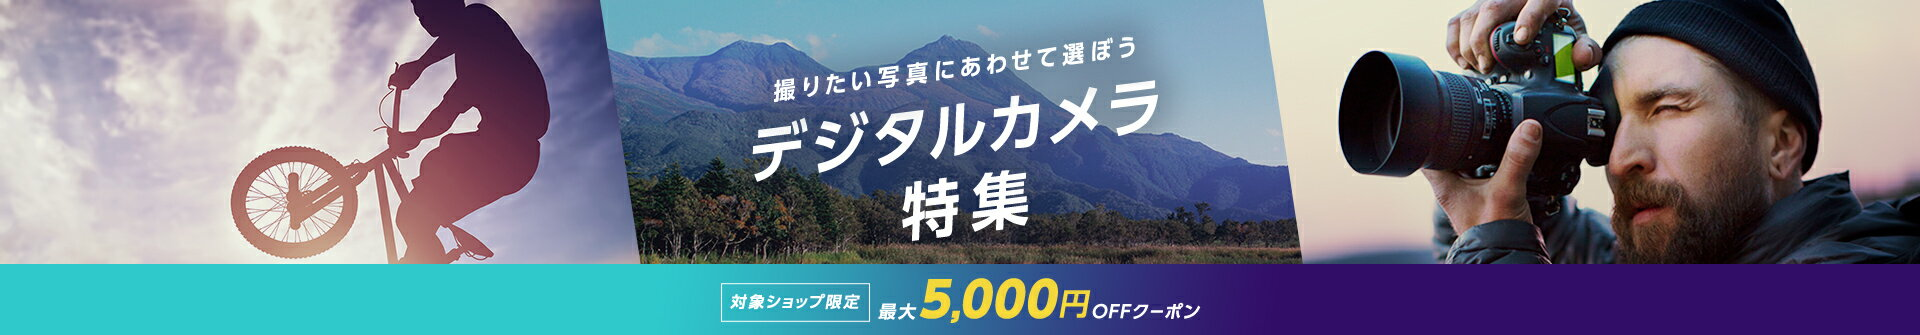 デジタルカメラ特集 対象ショップ限定5,000円OFFクーポン